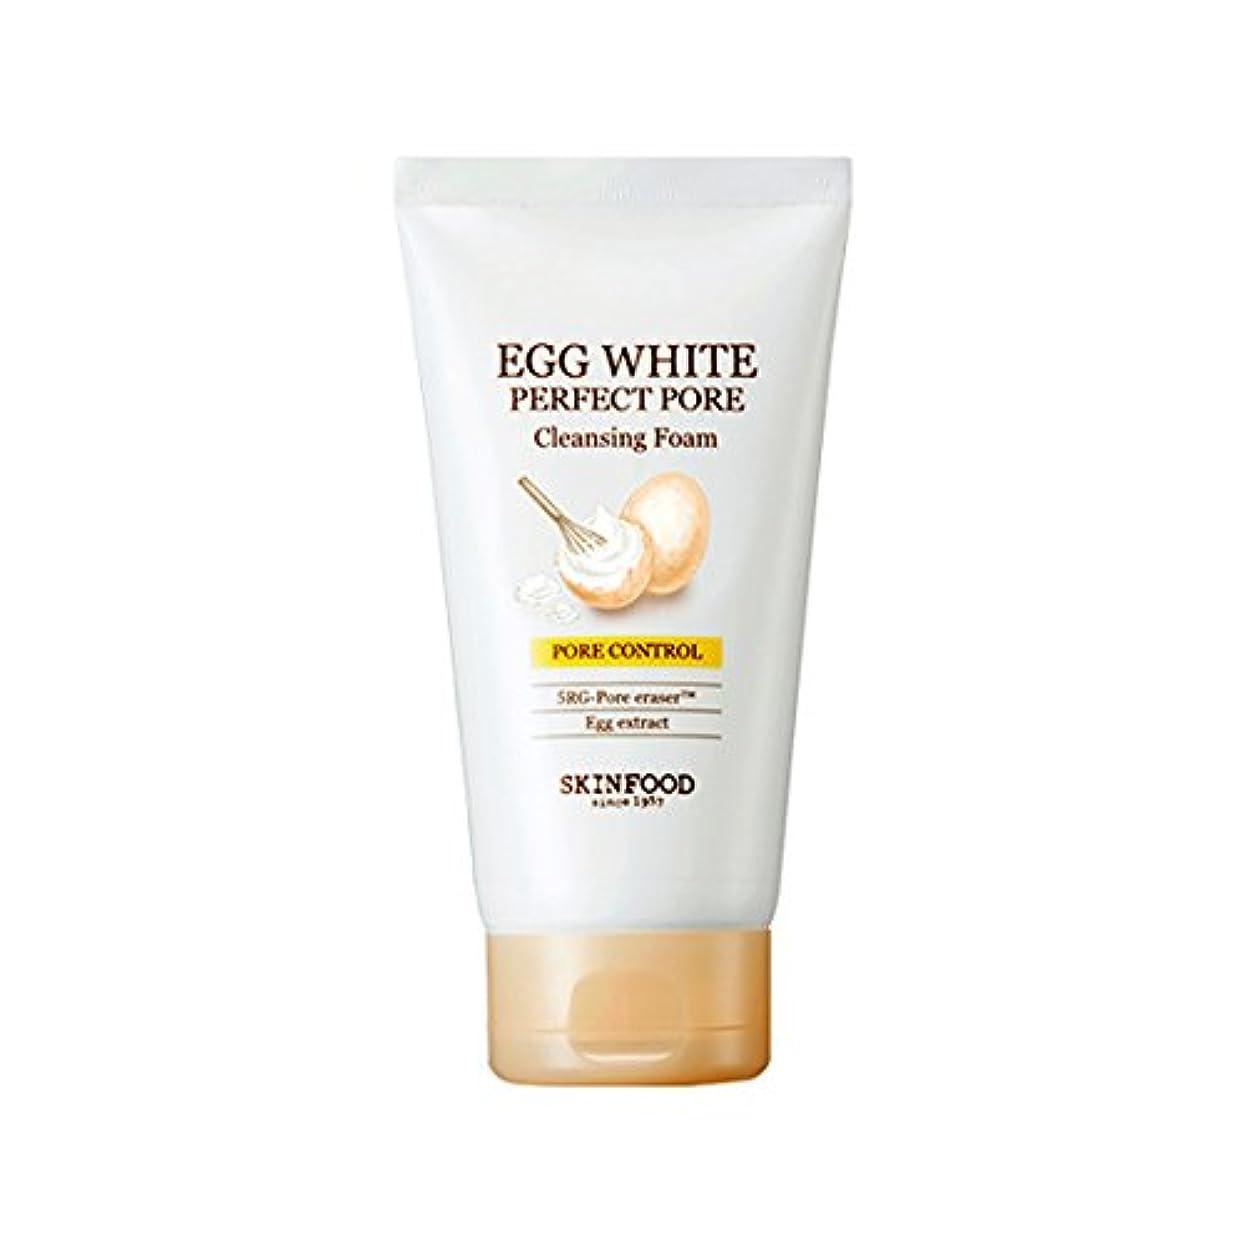 テレビ局孤児キャンセル[2017 New] SKINFOOD Egg White Perfect Pore Cleansing Foam 150ml/スキンフード エッグ ホワイト パーフェクト ポア クレンジング フォーム 150ml [並行輸入品]